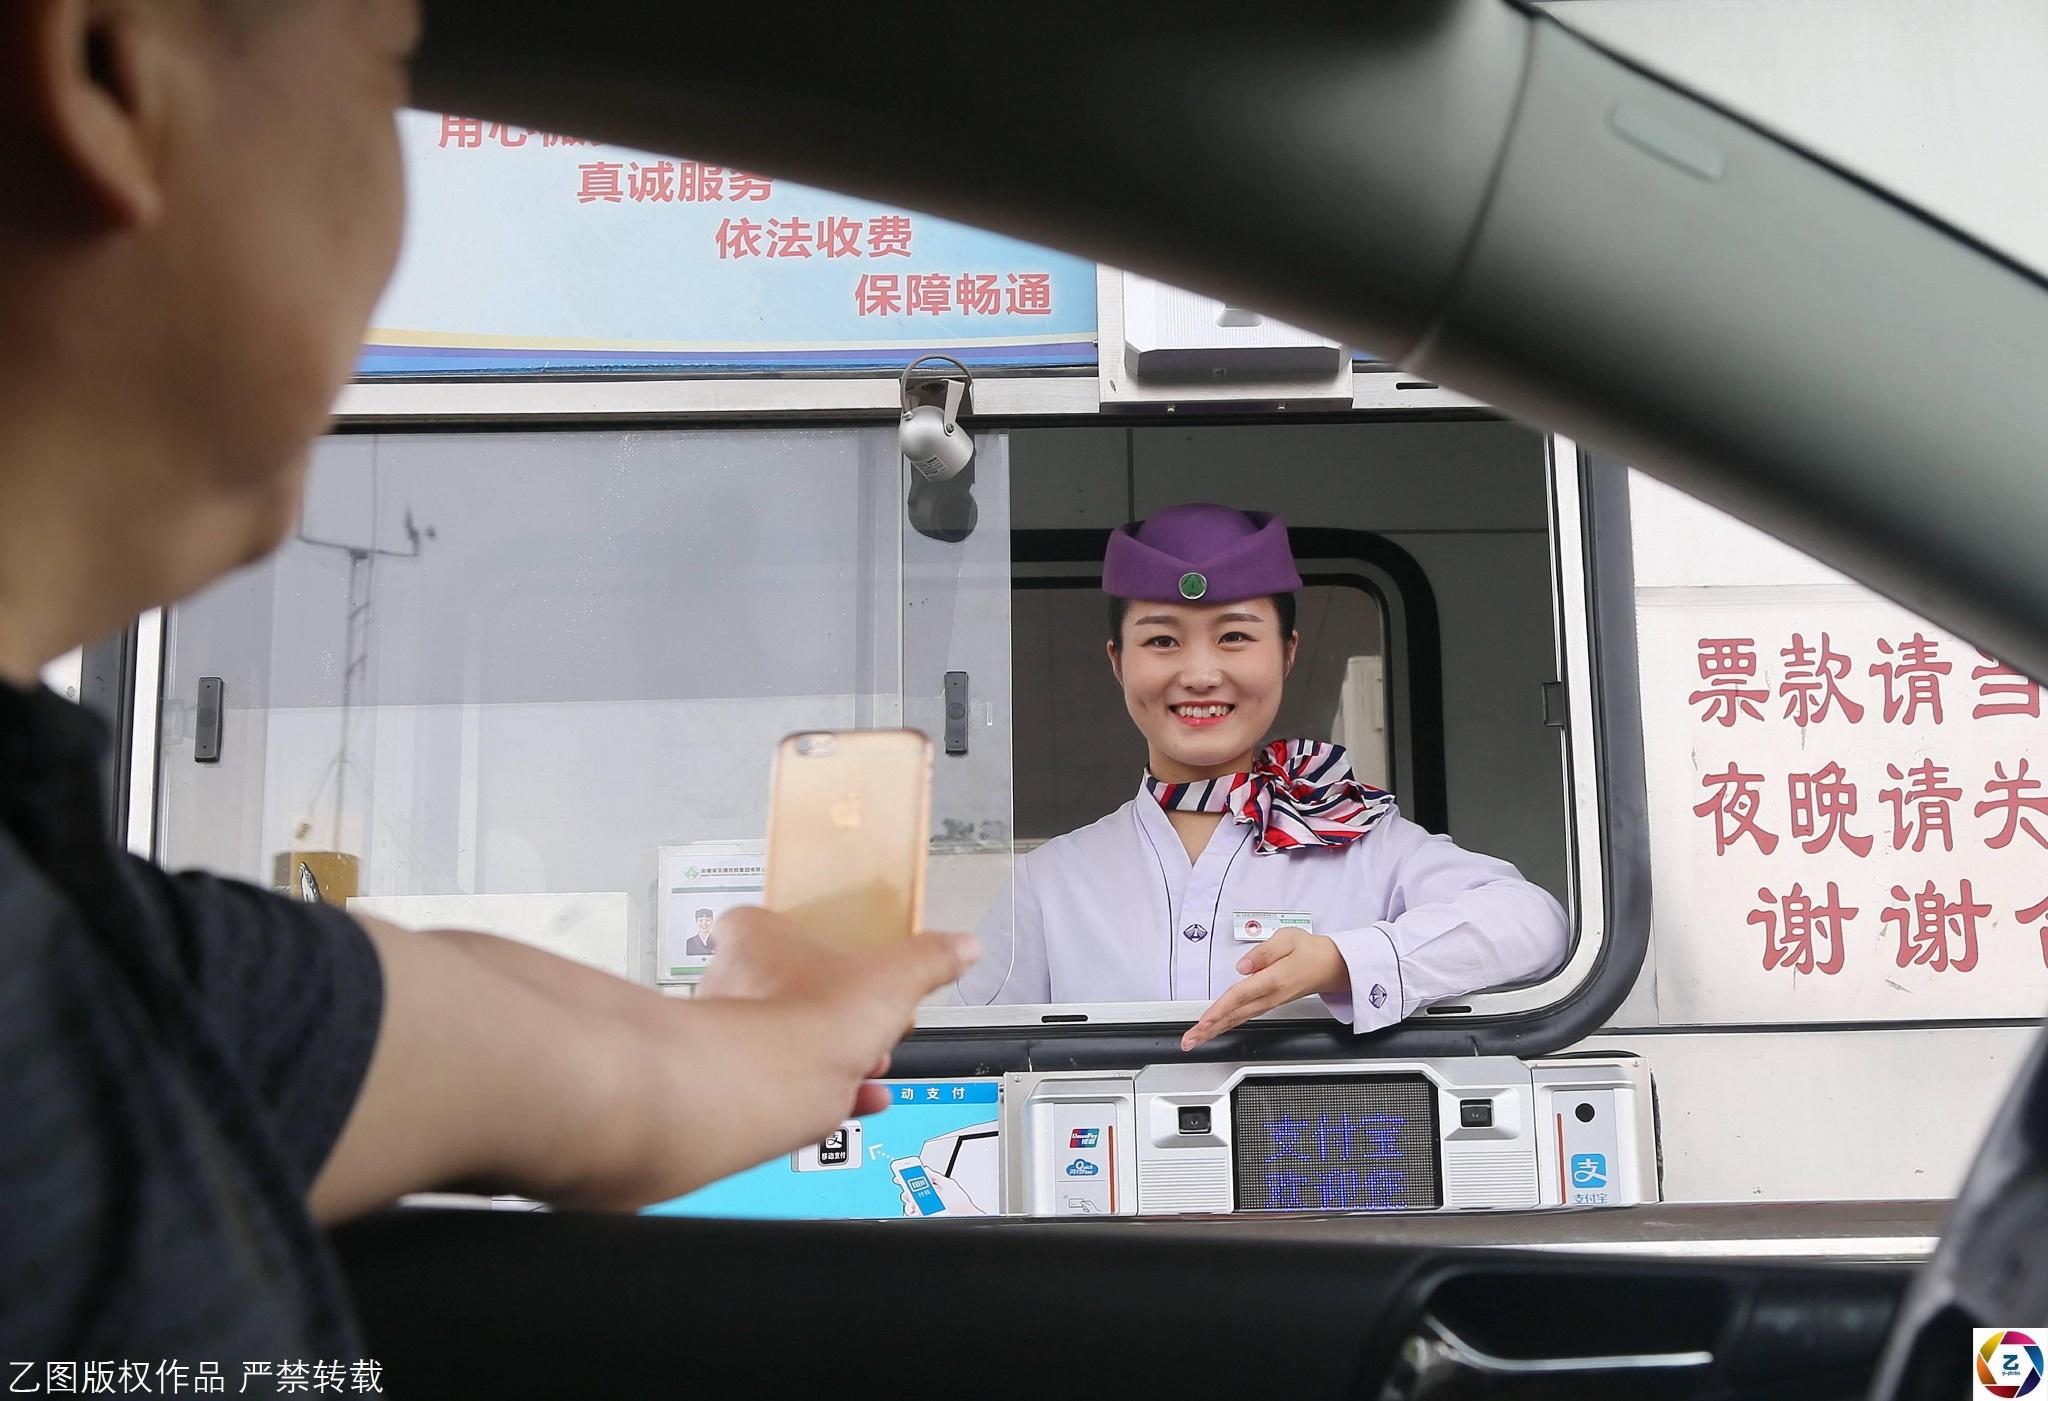 高速美女收费员一天微笑八千次,司机:想多交几次费